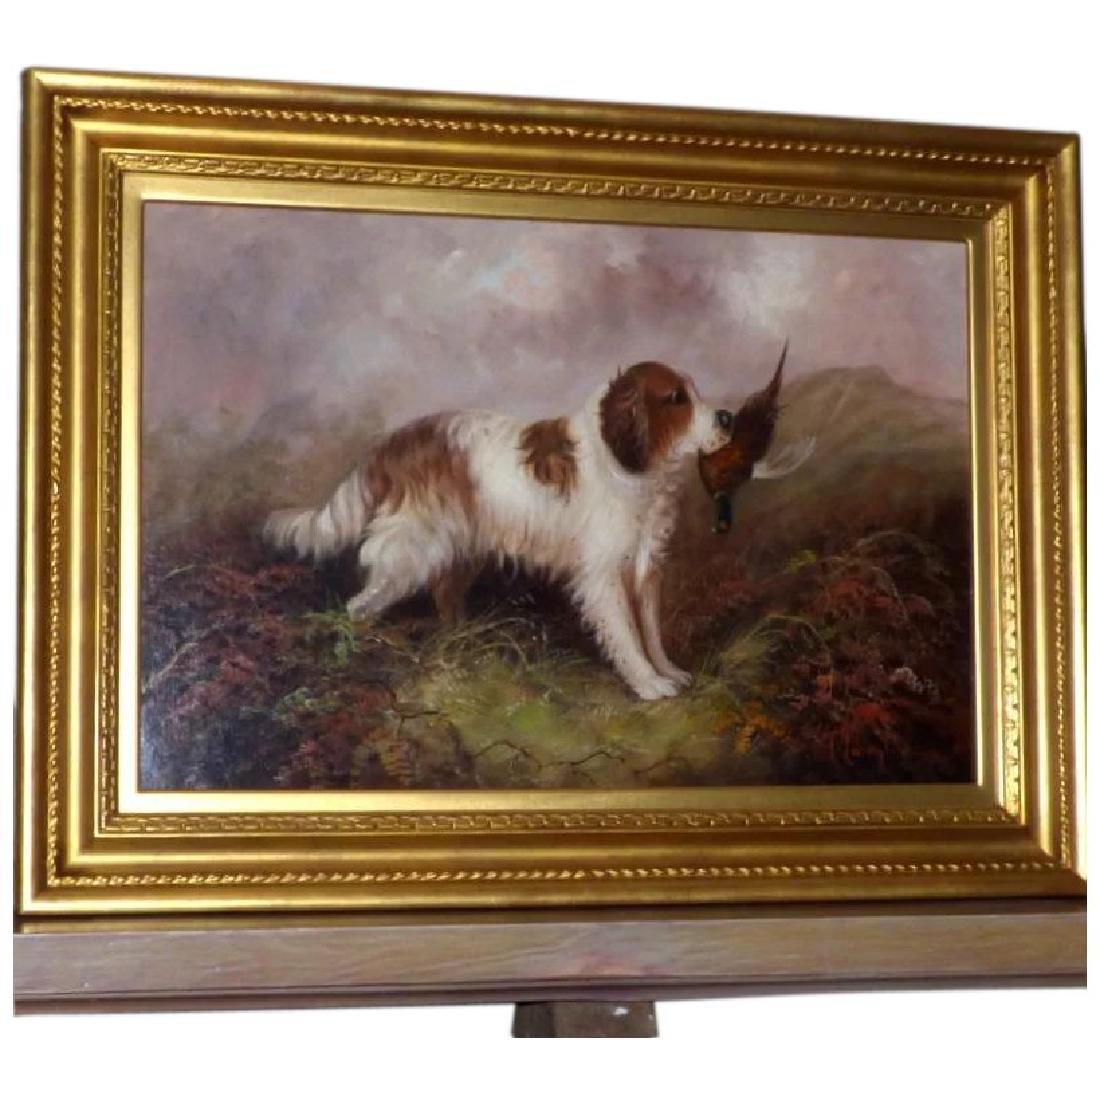 Antique Portrait of a Spaniel, by J. Langlois